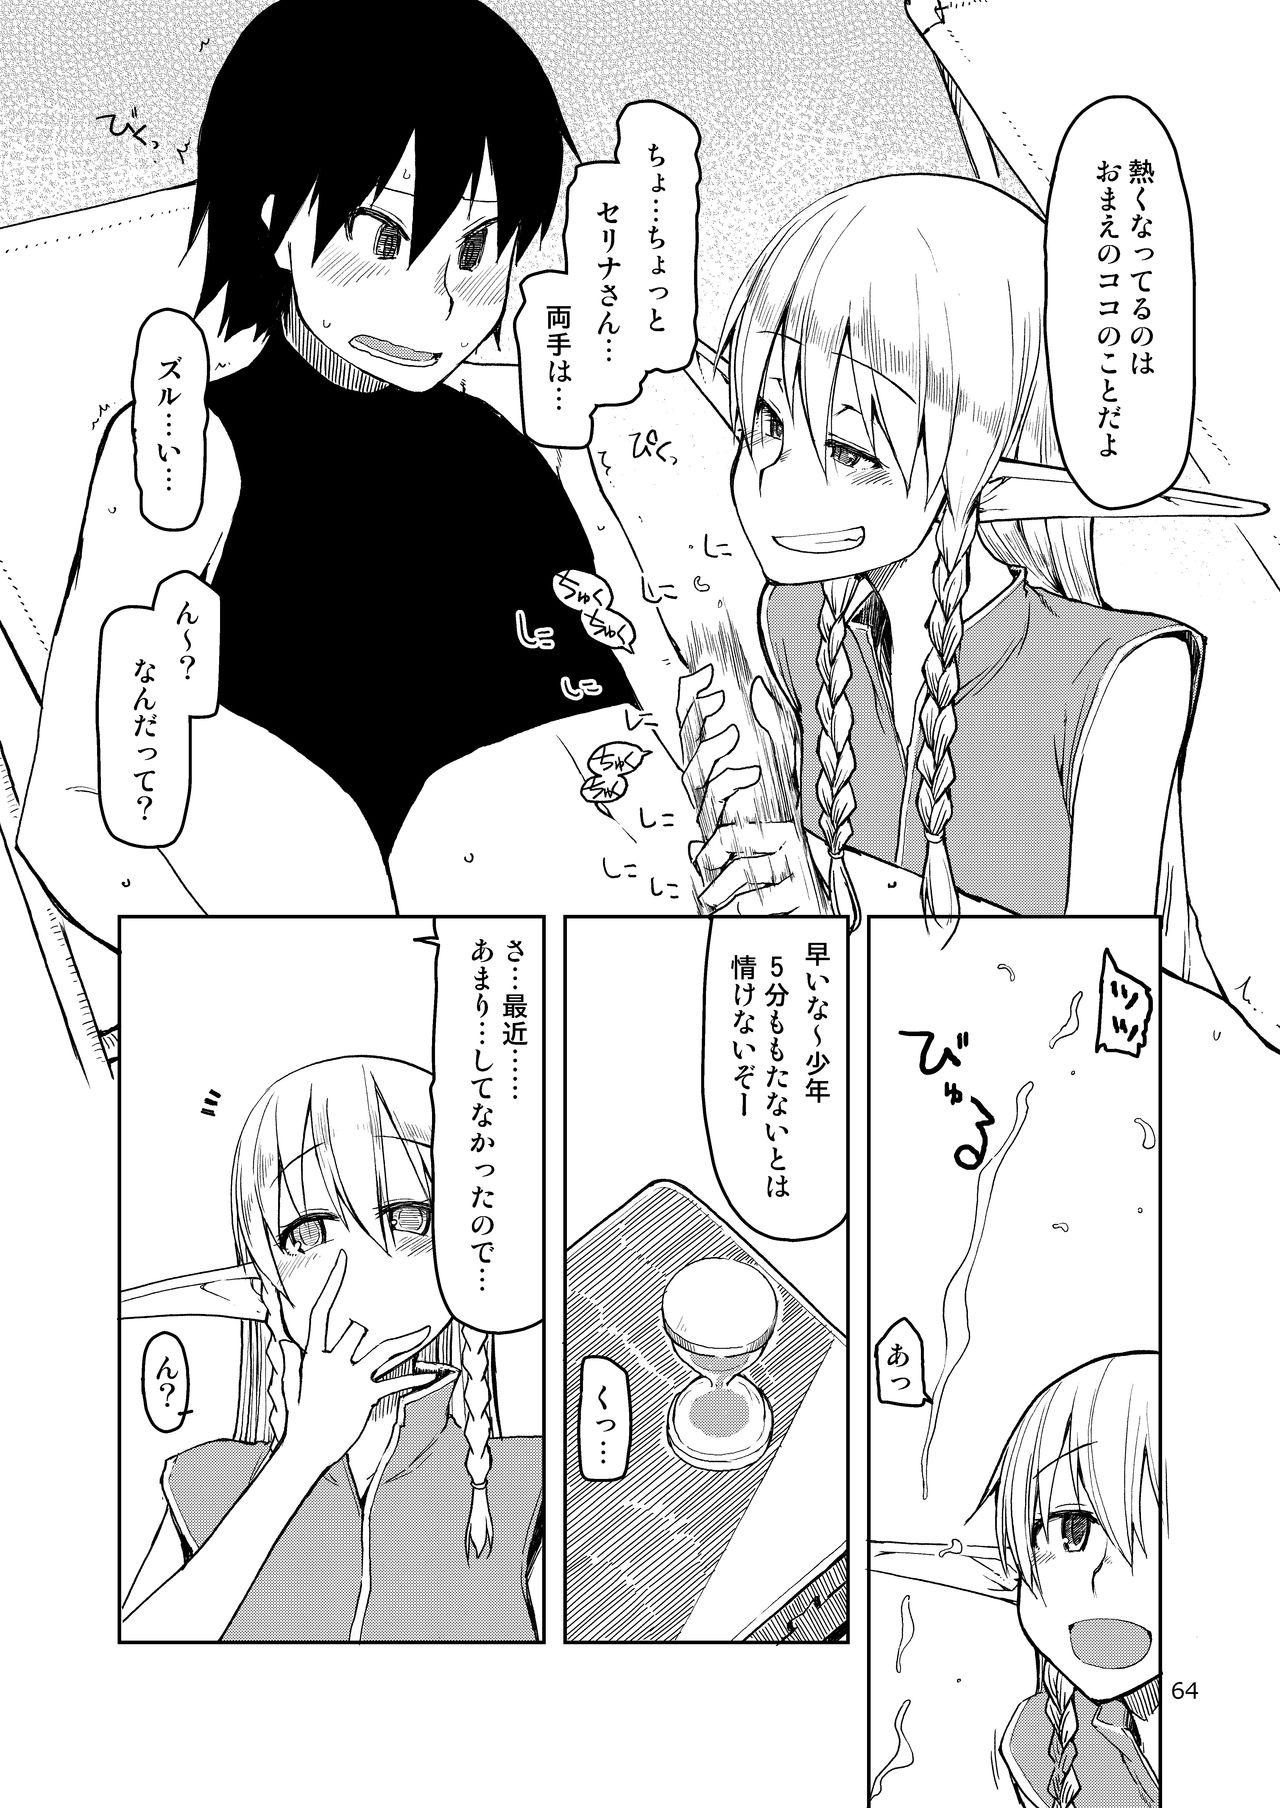 Dosukebe Elf no Ishukan Nikki Matome 2 64